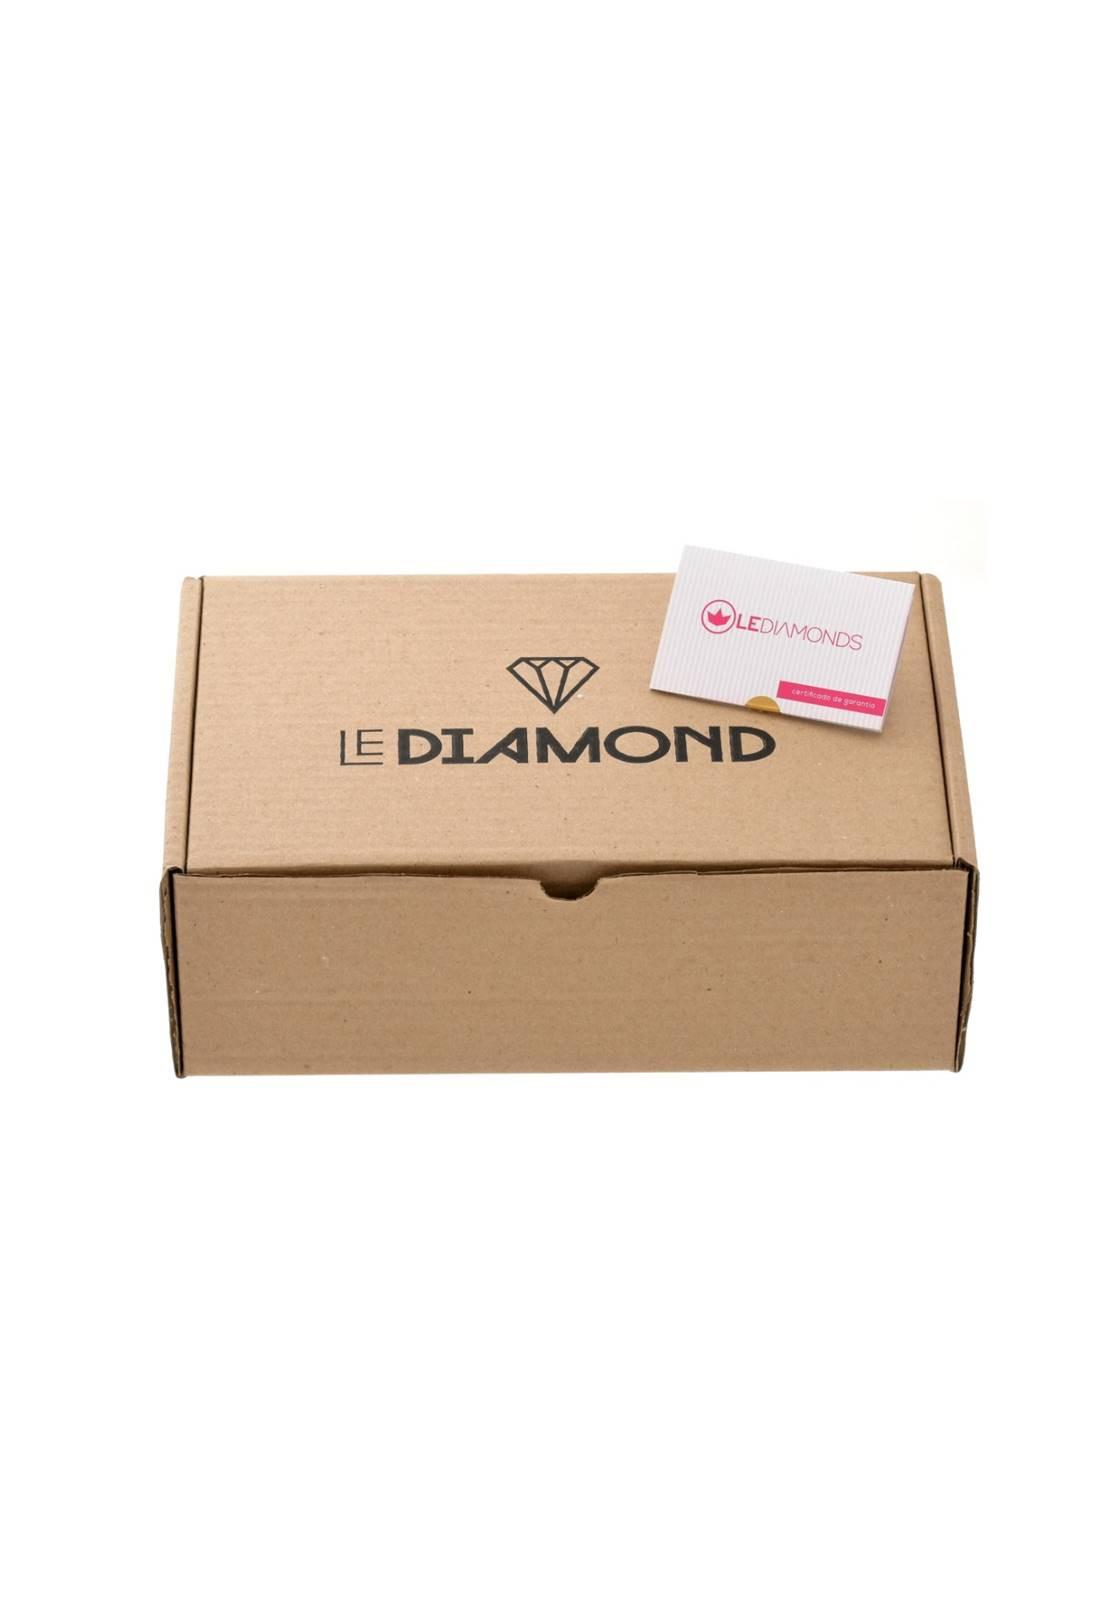 Brinco Le Diamond Folheado com Bola Resina Preto